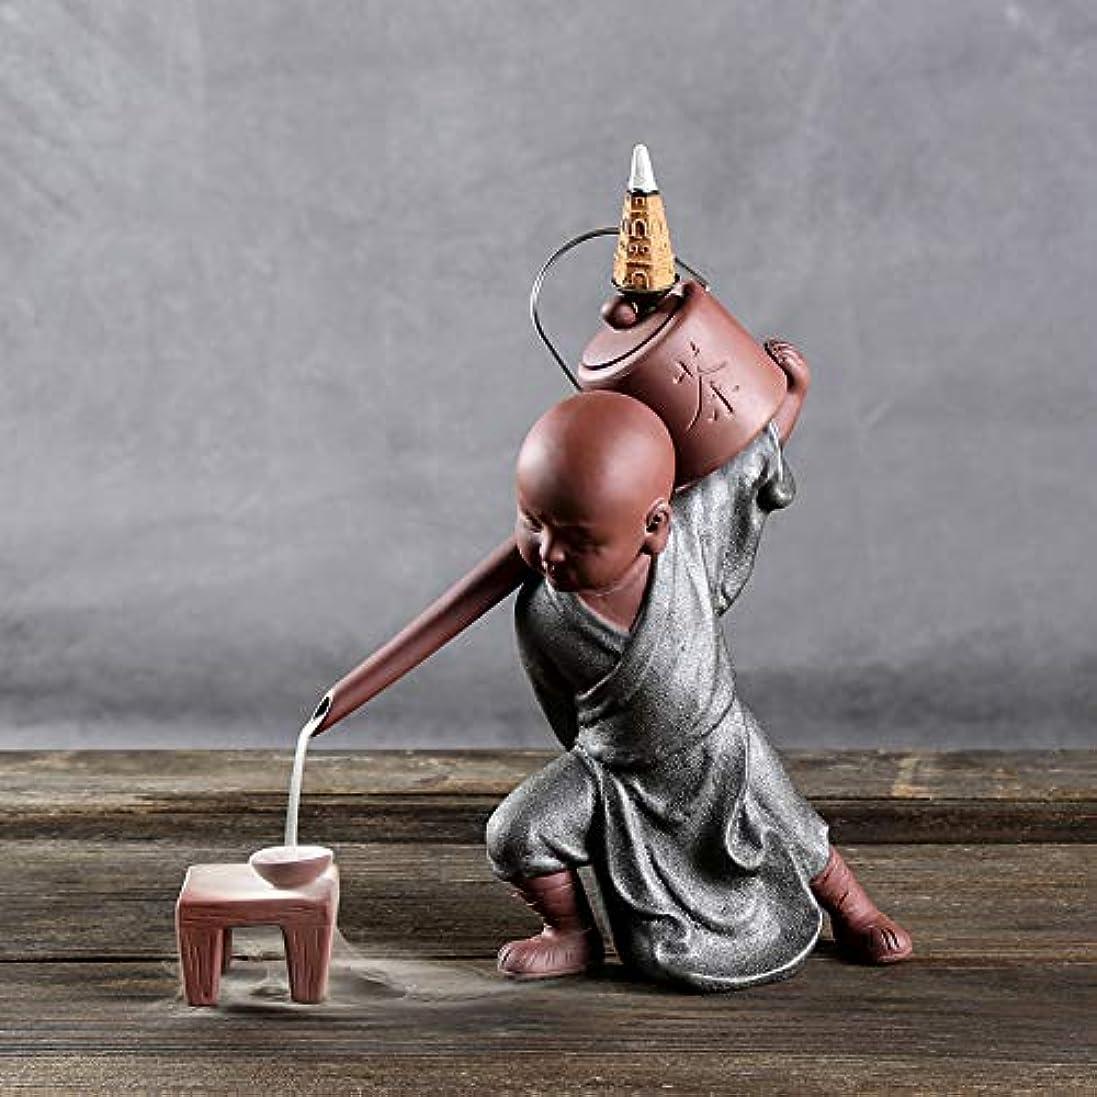 ホールドオール教えインセンティブPHILOGOD 陶器香炉 セラミックスポッター逆流香炉 僧侶は水を注ぐモデリング仏壇用香炉 お香 ホルダー (style2)